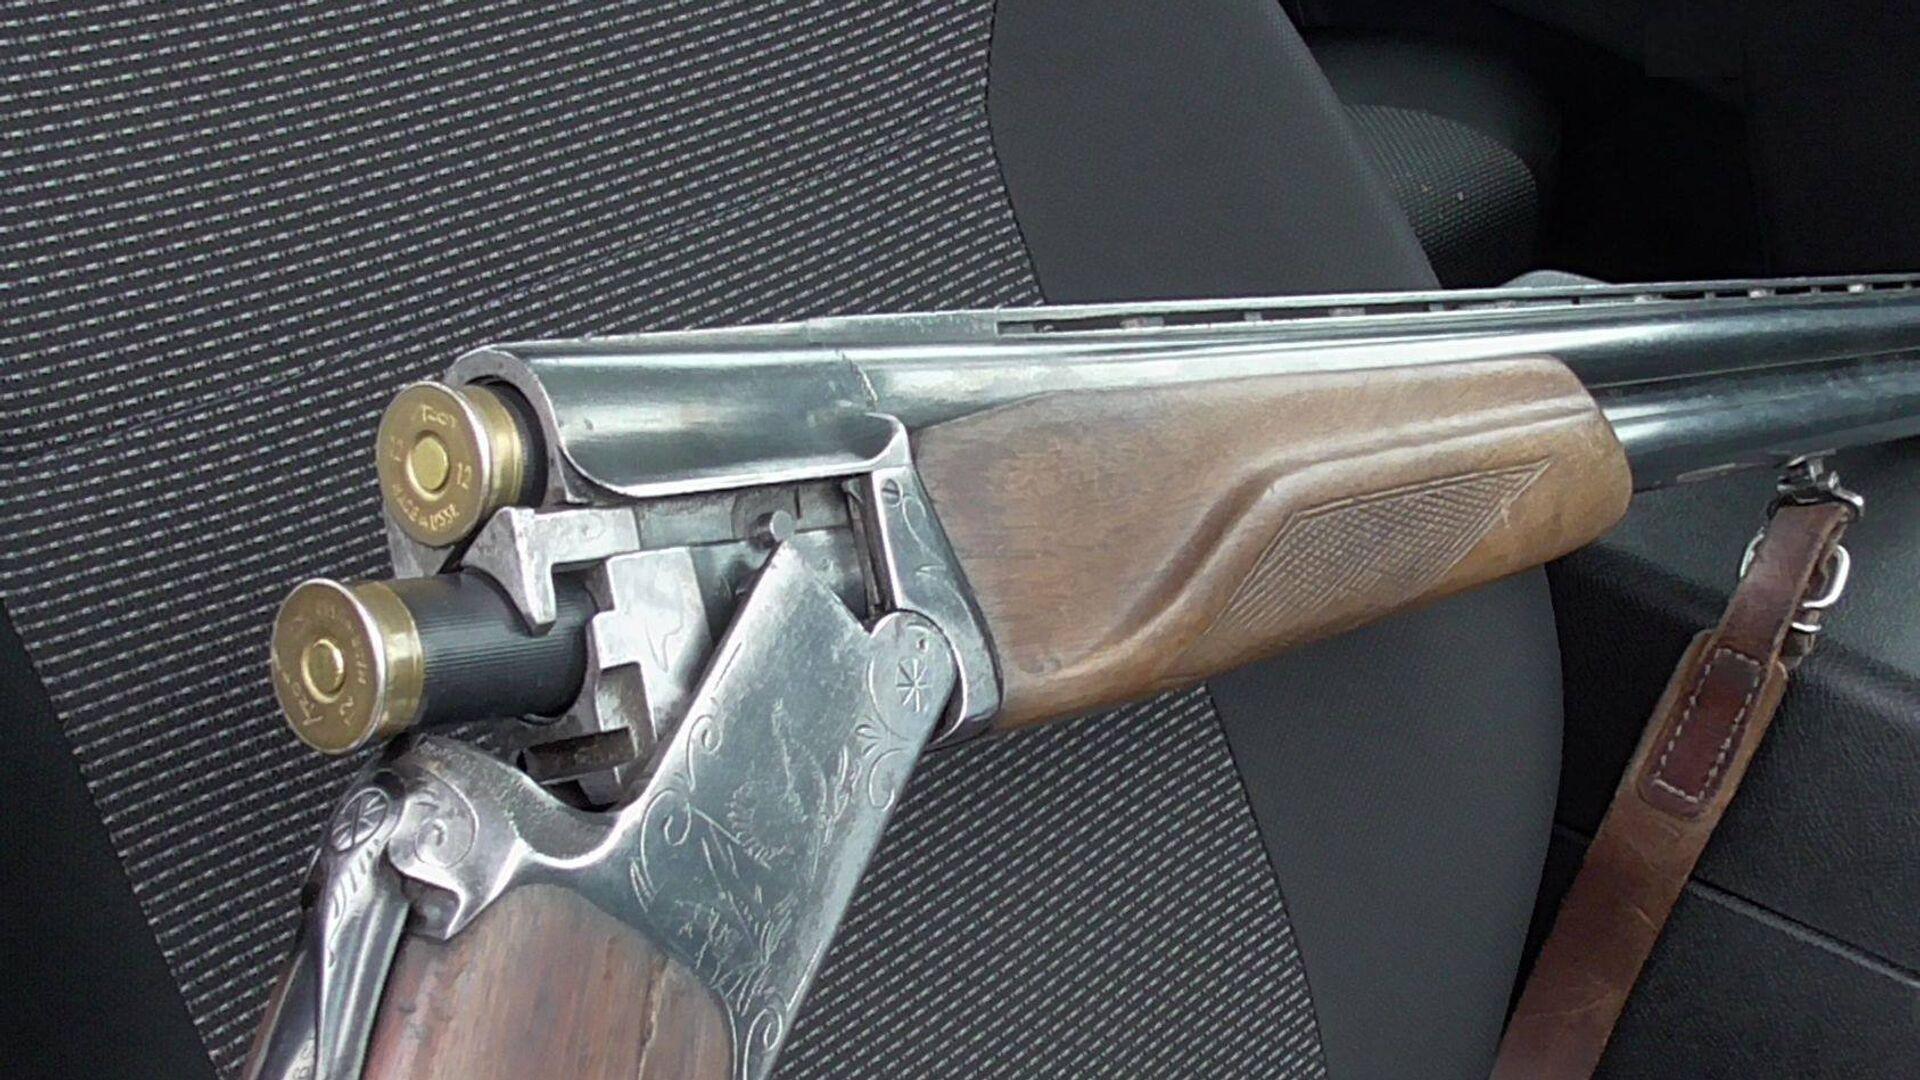 Охотничье ружье, архивное фото - Sputnik Беларусь, 1920, 28.09.2021